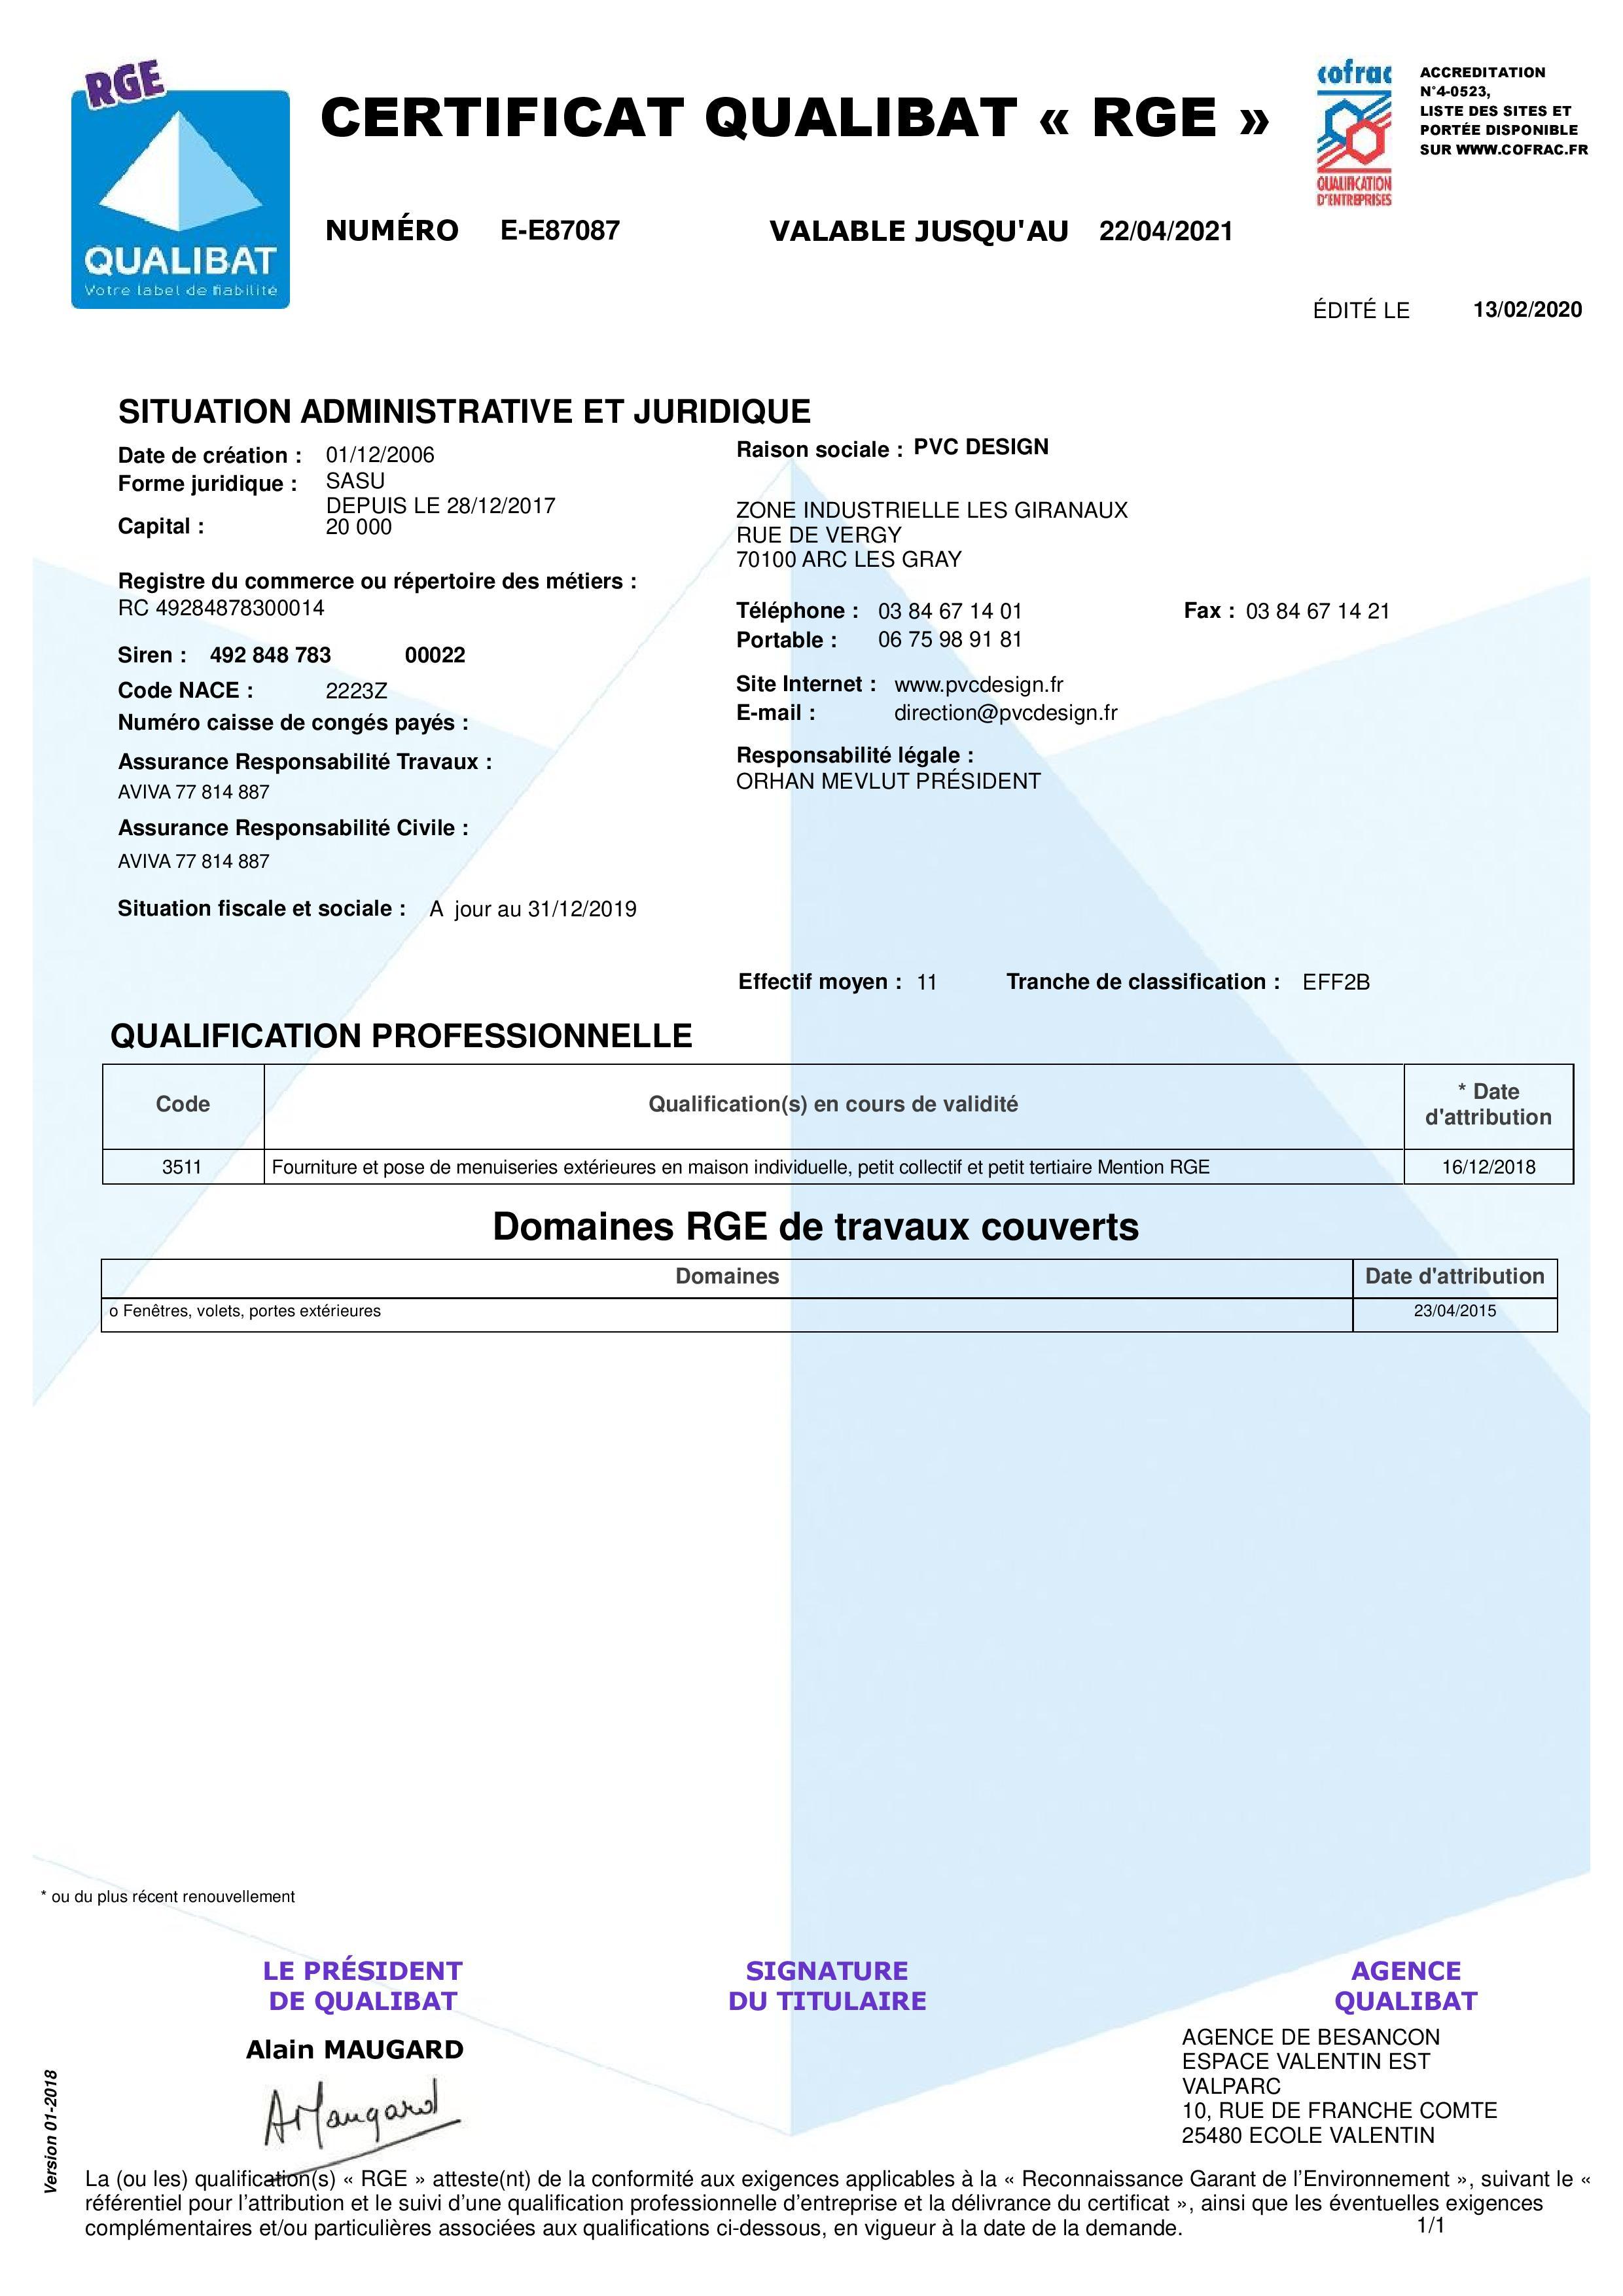 D25-Certificat-87087-PVC DESIGN-E87087-1-20200213-page-002